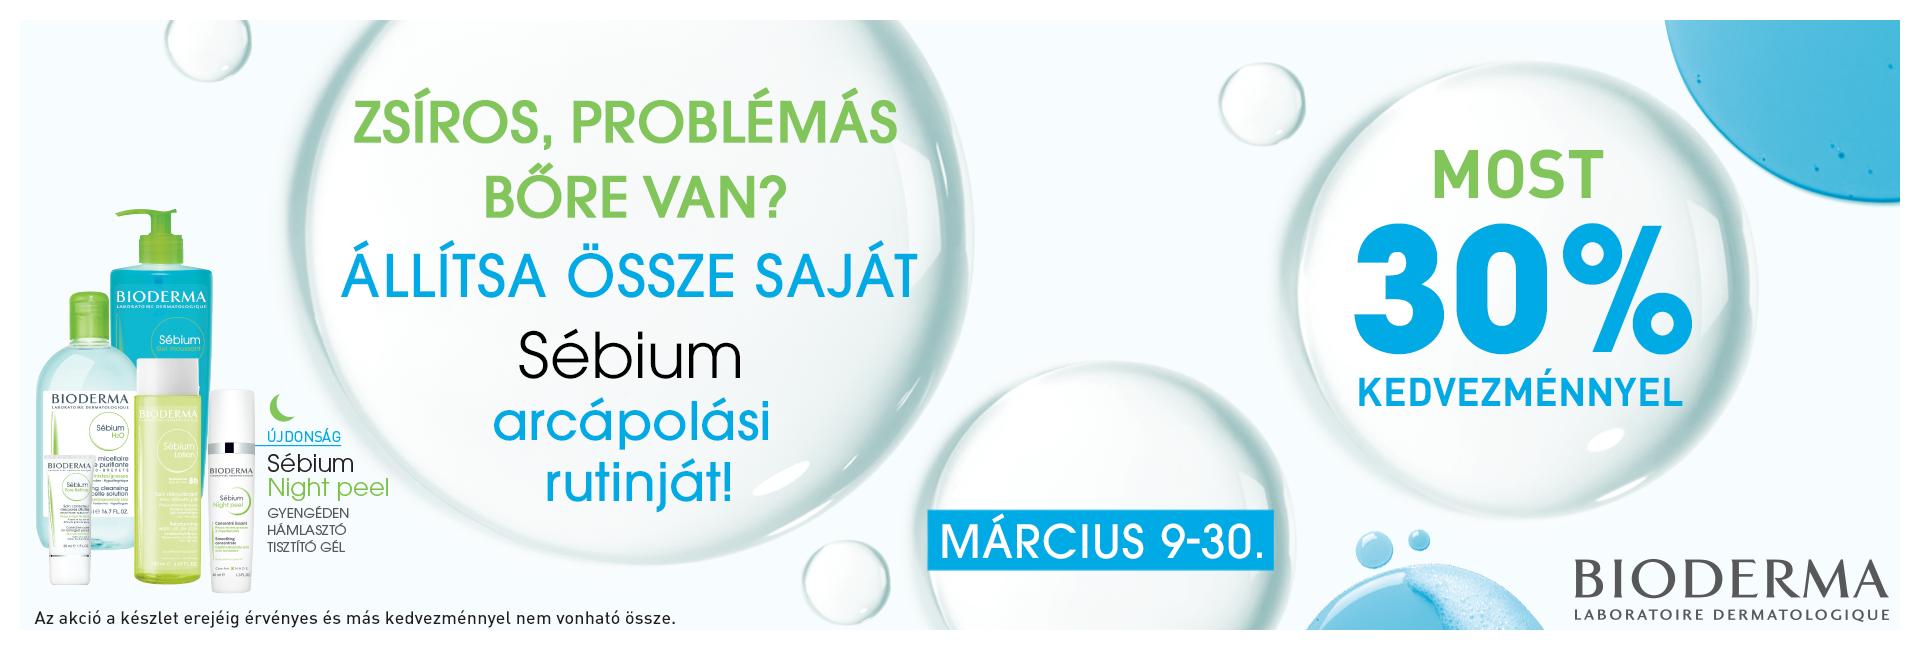 2020. mácius 30-ig minden Bioderma Sébium terméket 30% kedvezménnyel kínálunk!